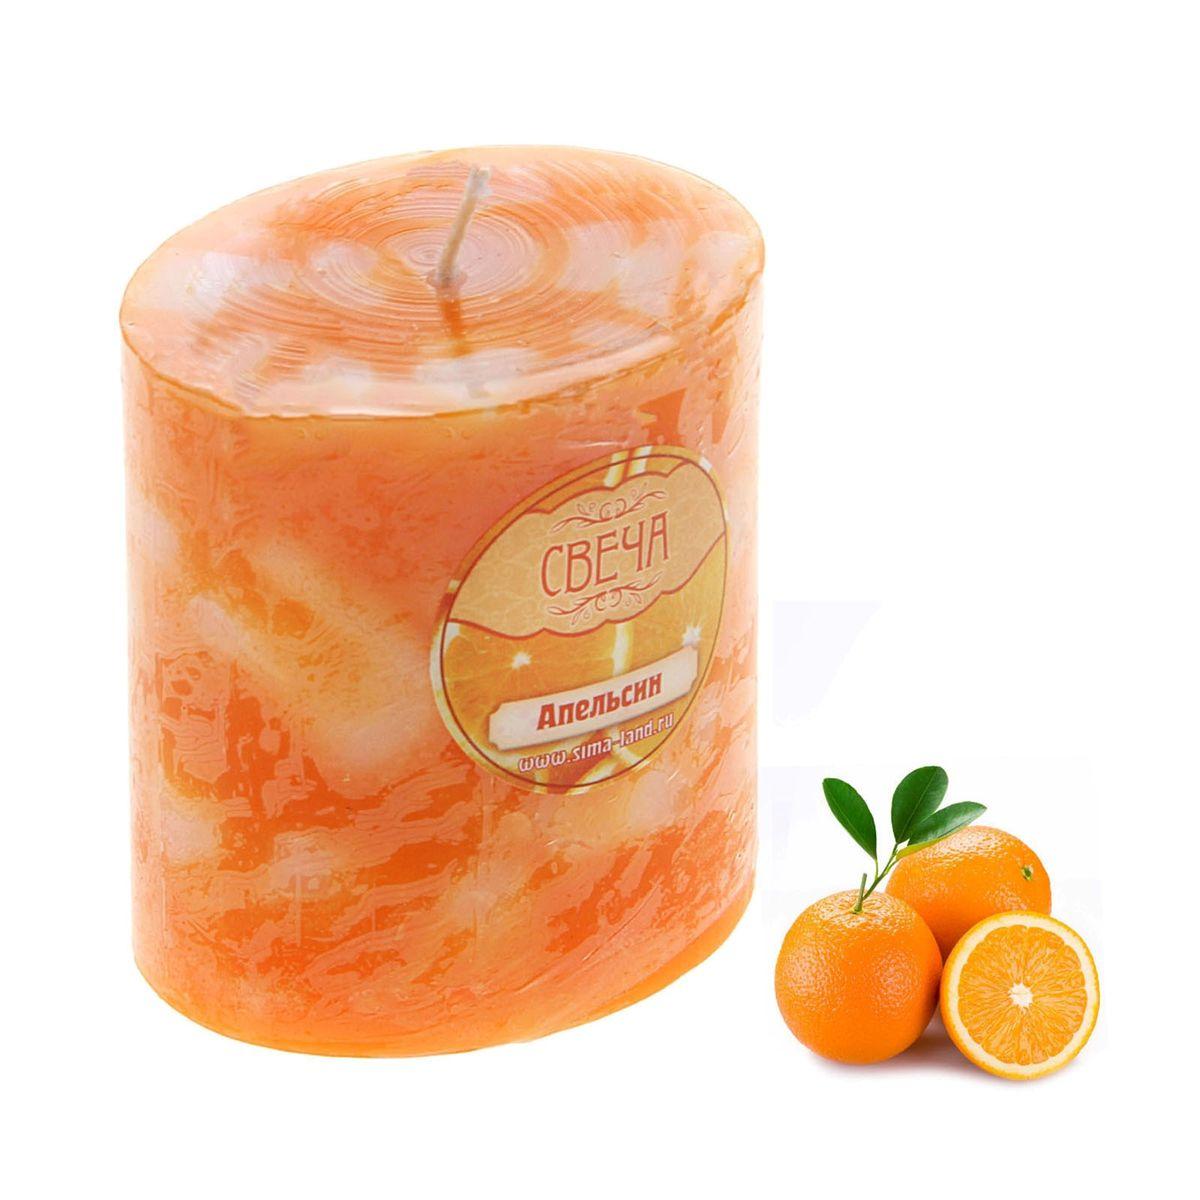 Свеча ароматизированная Sima-land Слияние, с ароматом апельсина, цвет: оранжевый, белый, высота 7 см41619Ароматизированная свеча Sima-land Слияние изготовлена из воска. Изделие отличается оригинальным дизайном и приятным ароматом апельсина.Свеча Sima-land Слияние - это прекрасный выбор для тех, кто хочет сделать запоминающийся презент родным и близким. Она поможет создать атмосферу праздника. Такой подарок запомнится надолго.